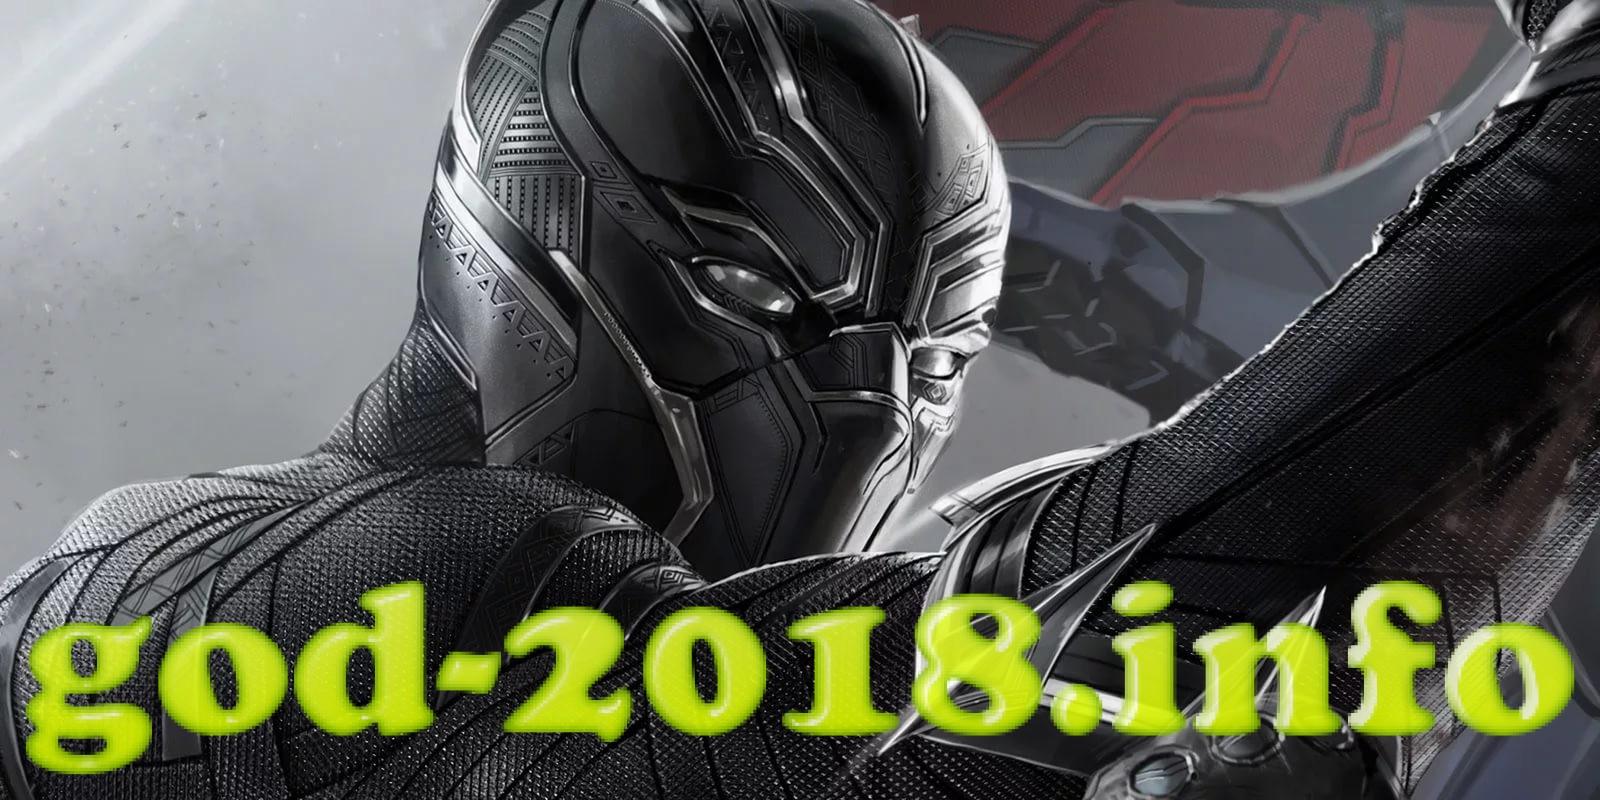 chernaja-pantera-ozhidaem-film-v-2018-godu-6